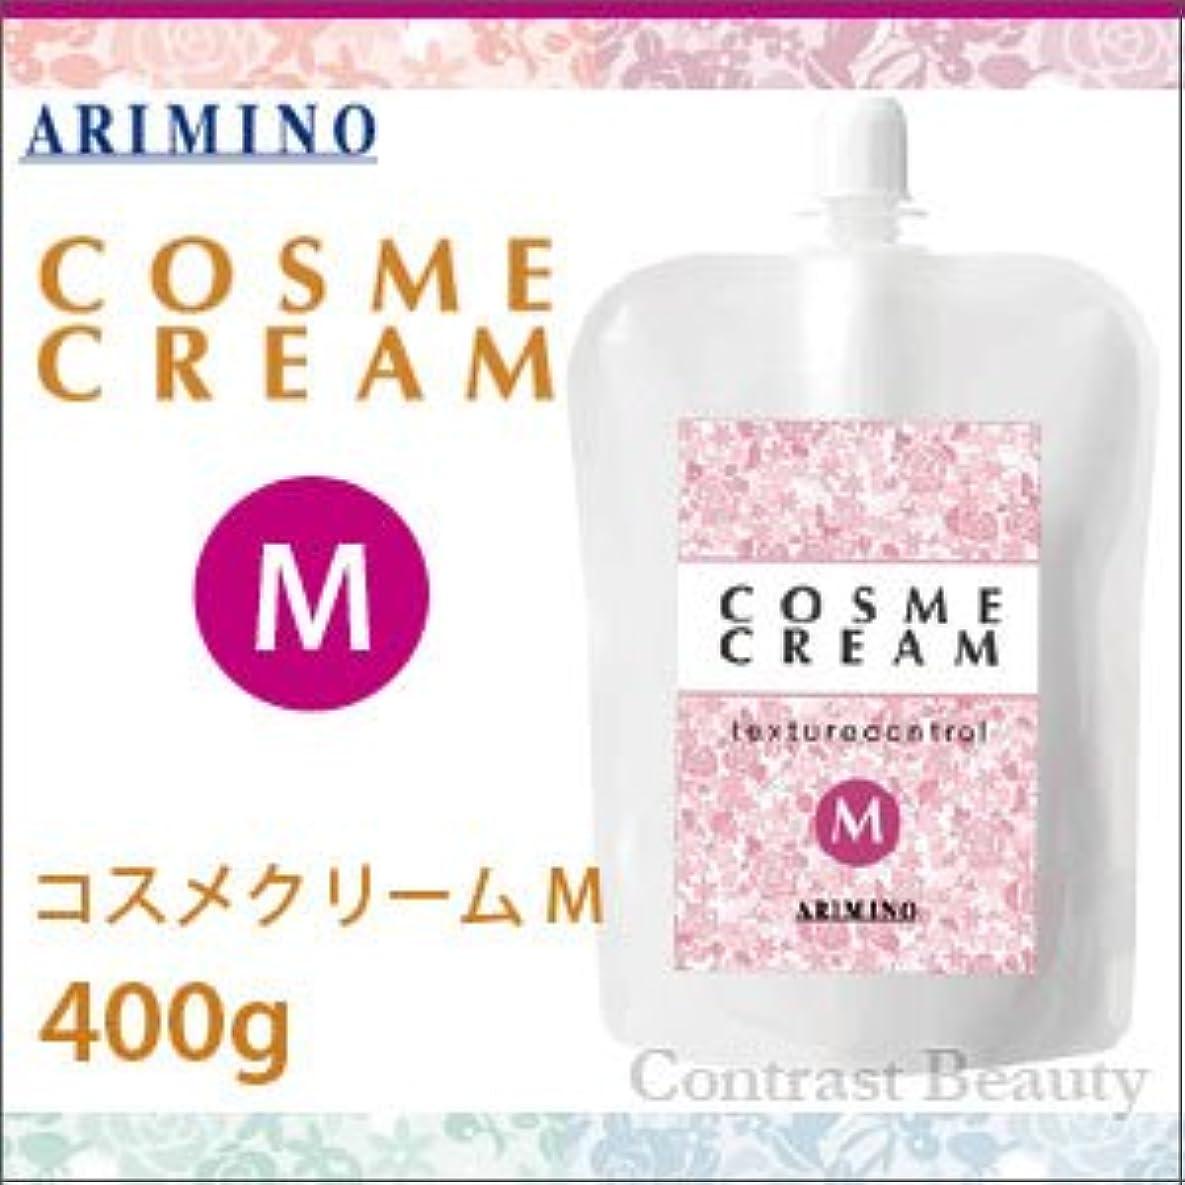 ジョグ過ち会社アリミノ コスメクリーム M 400g